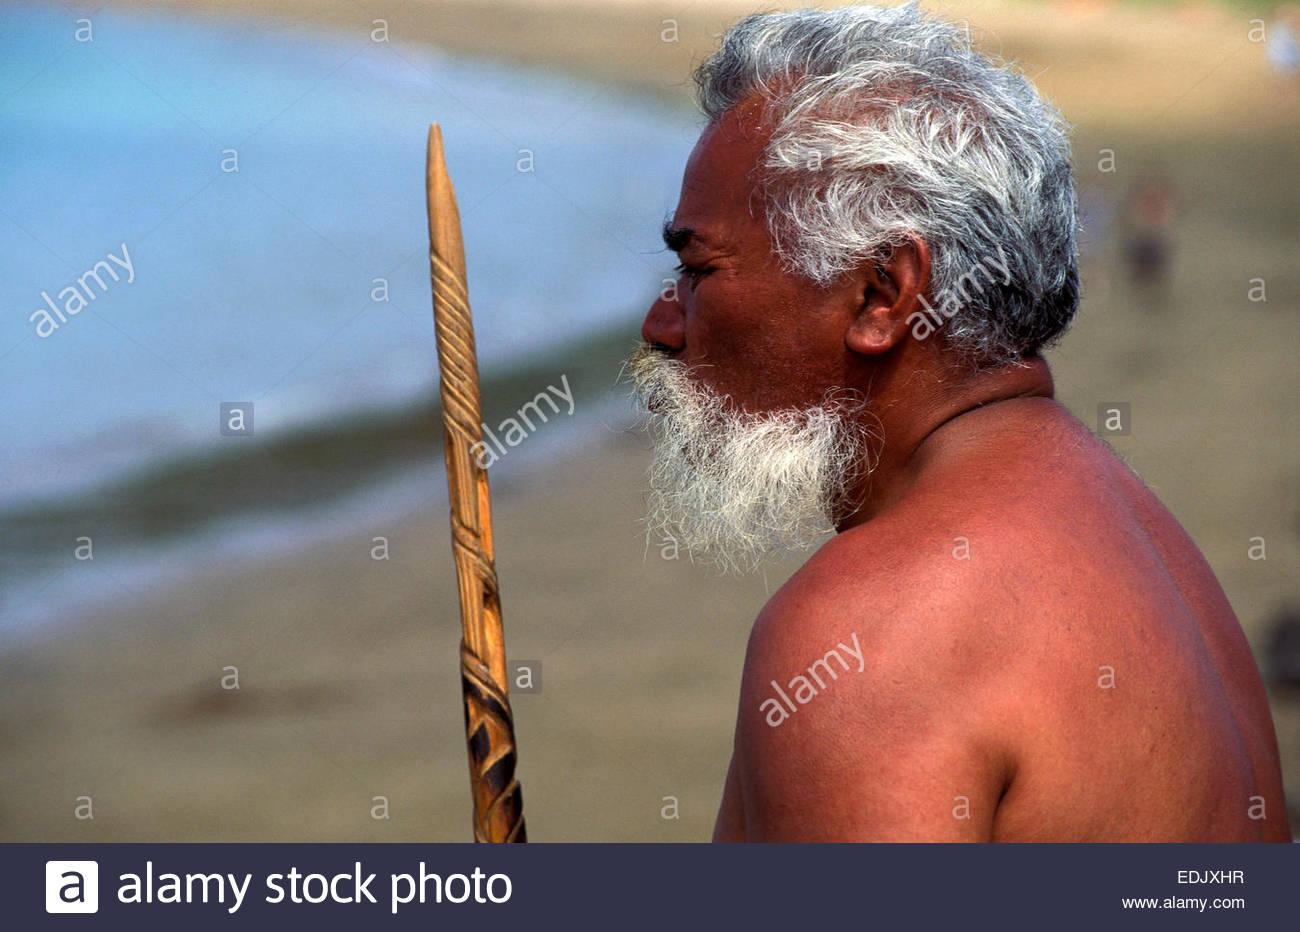 Le chef d'une pirogue de guerre à Waitangi, île du Nord, en Nouvelle-Zélande. Photo Stock